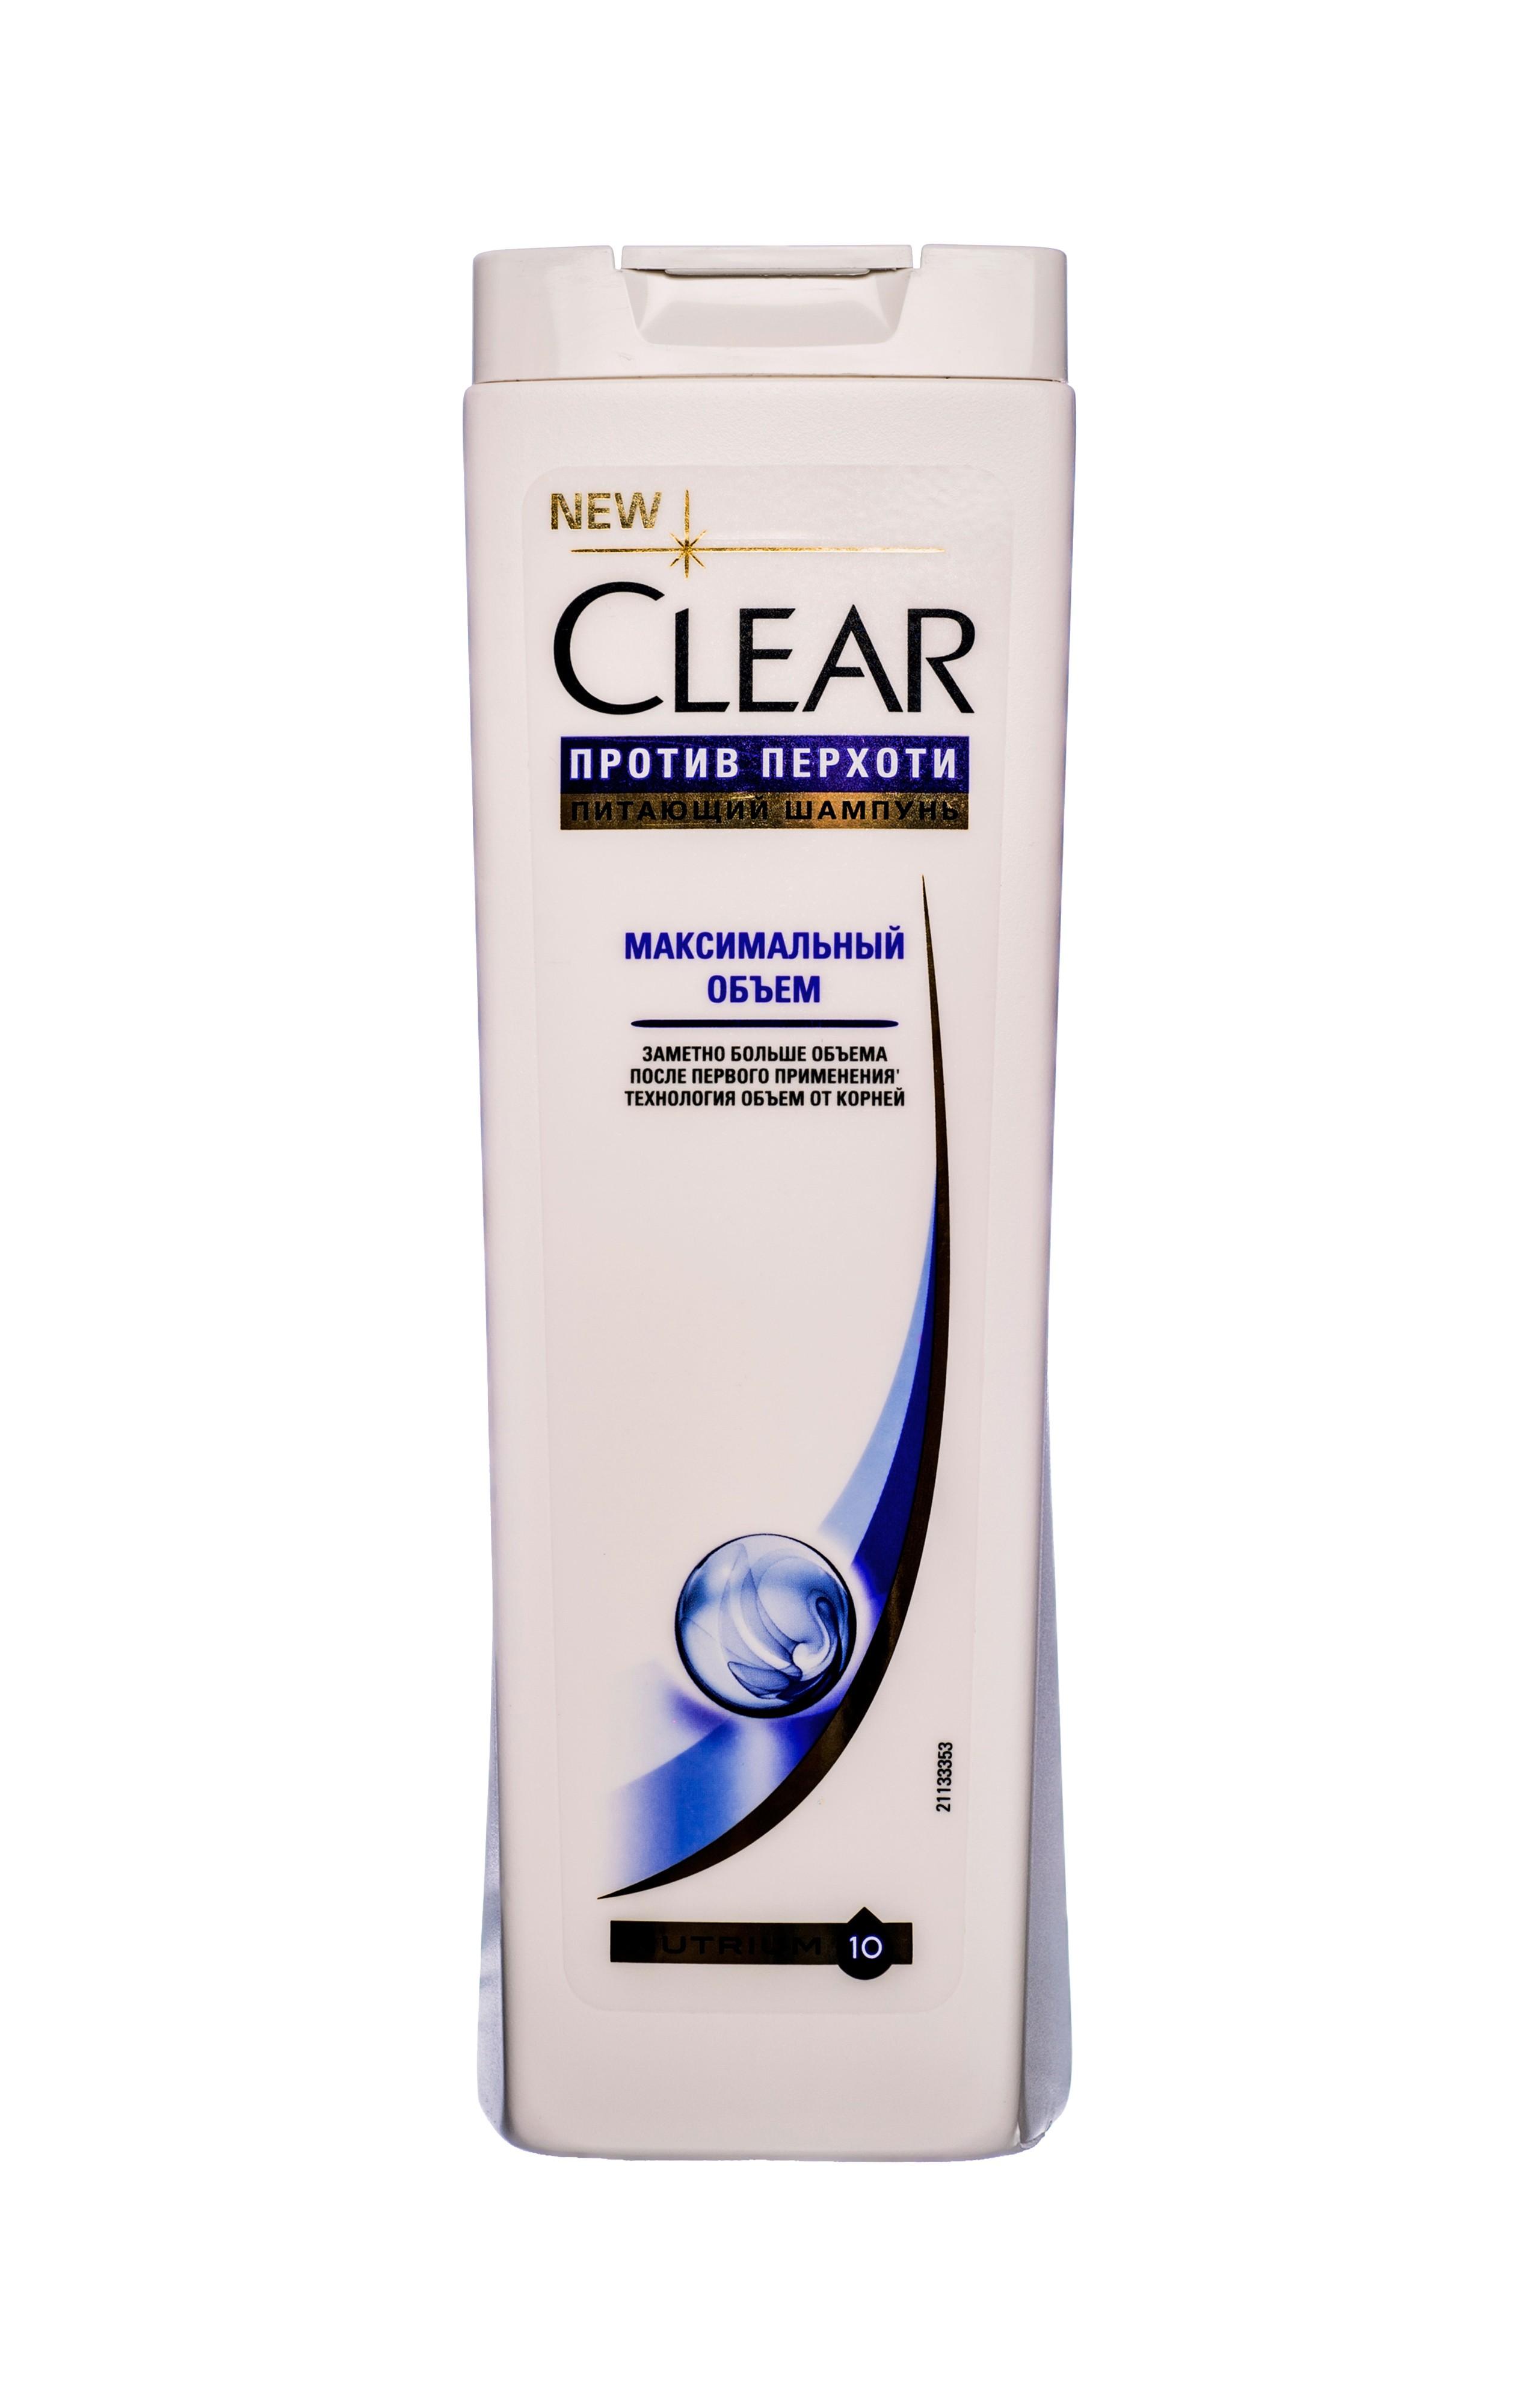 Clear vita ABE Шампунь против перхоти Максимальный объем 400 мл051750112Шампунь против перхоти Clear vita ABE Максимальный объем с формулой Zinc Mineral Complex (комплекс соединений цинка) воздействует на поверхность кожи головы, эффективно удаляя перхоть. Активная система Cleartech Soft, обогащенная витаминами, ухаживает и питает кожу головы и волосы изнутри. С шампунем Clear vita ABE Ваши волосы и кожа головы будут здоровыми и сильными без перхоти. Шампунь подходит для ежедневного применения. Протестировано дерматологами. Характеристики: Объем: 400 мл. Производитель: Россия. Товар сертифицирован.